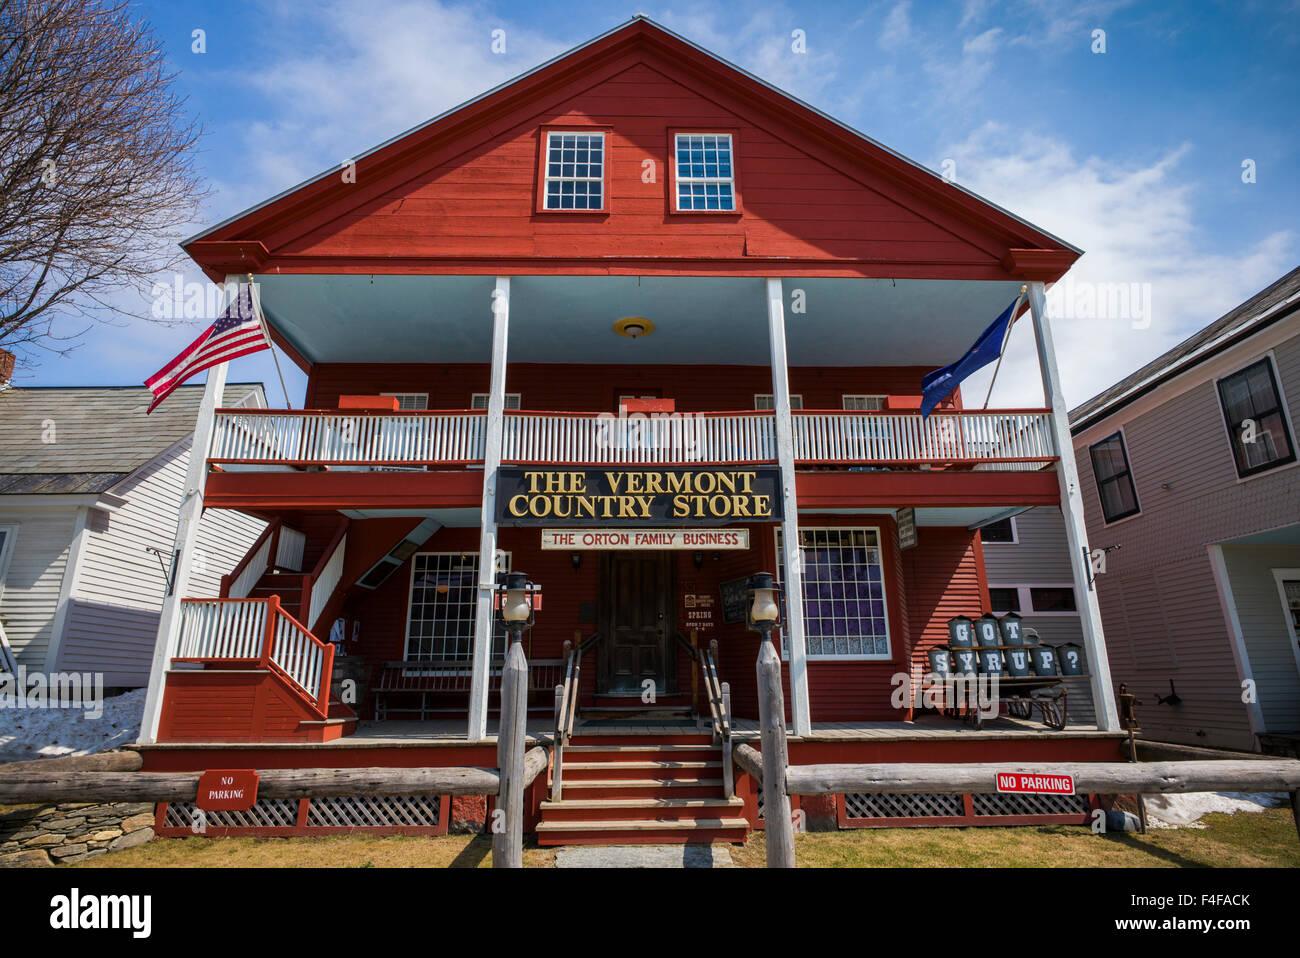 Weston, le Vermont Country Store, extérieur Banque D'Images